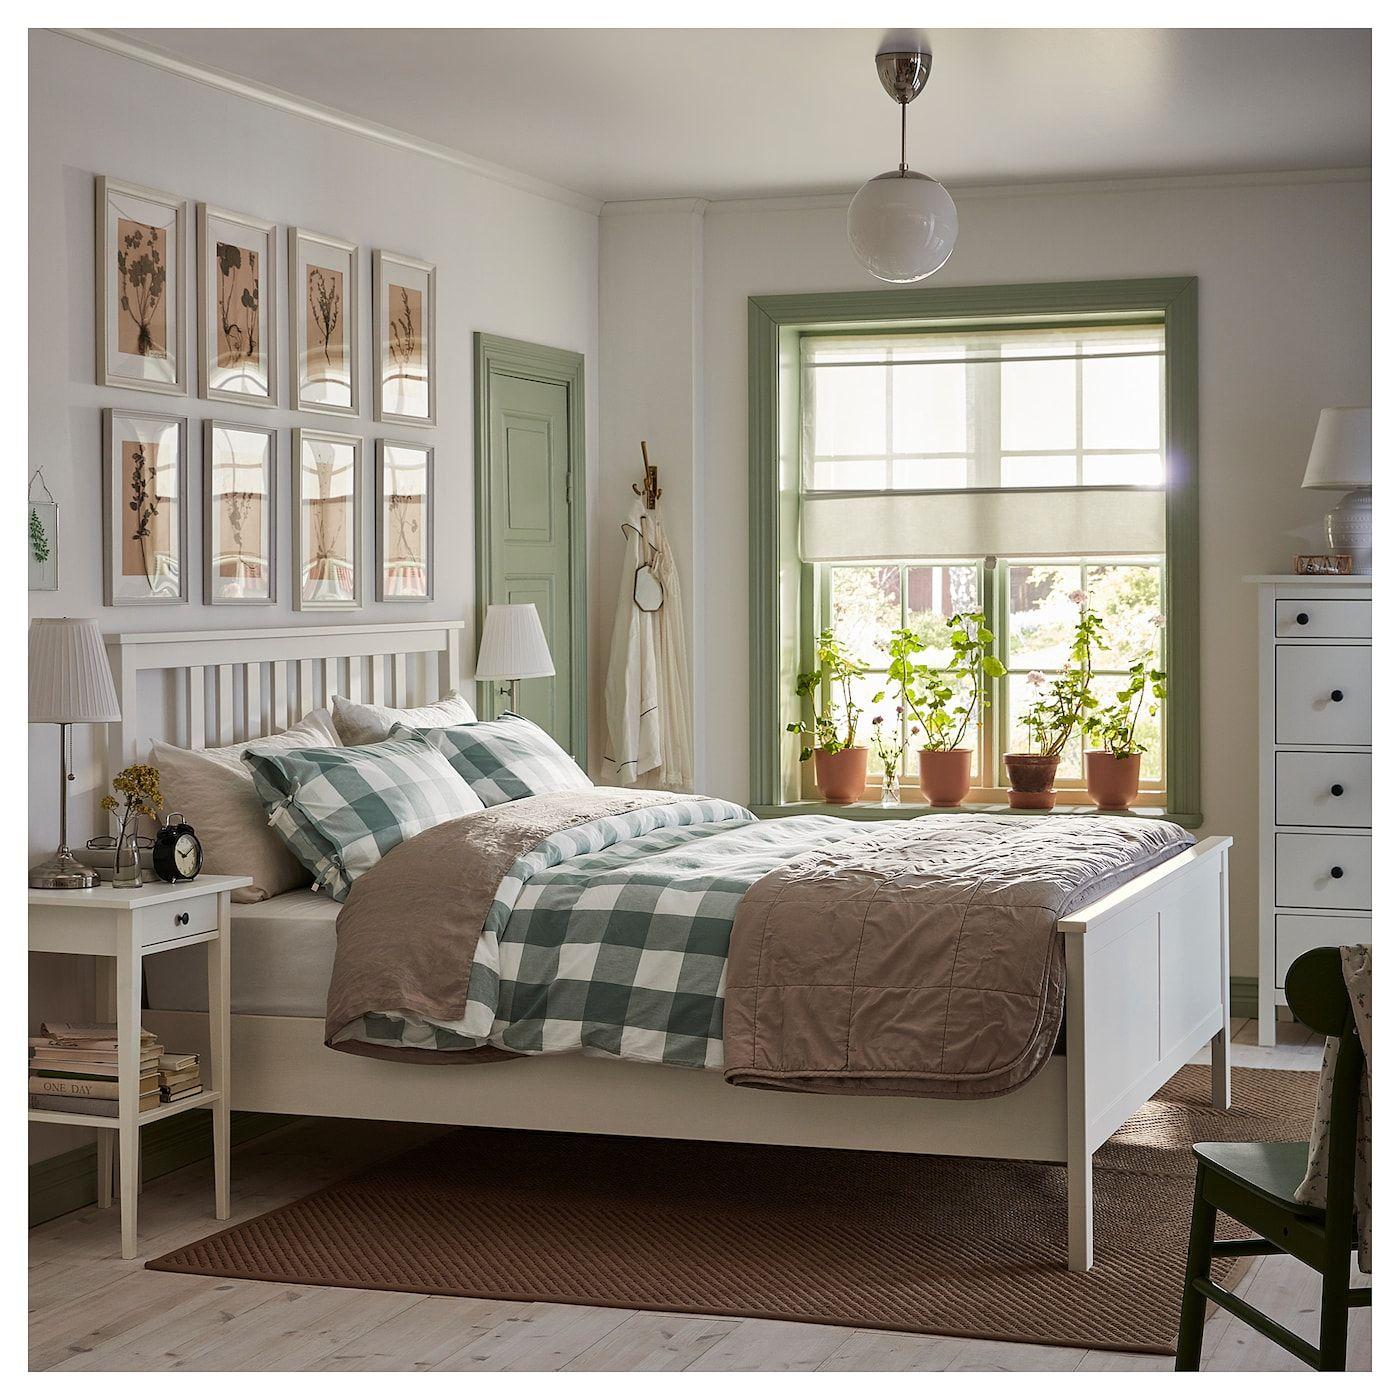 Ikea Hemnes Bed Frame White Stain Luroy Hemnes Bed Ikea Hemnes Bed Bed Frame